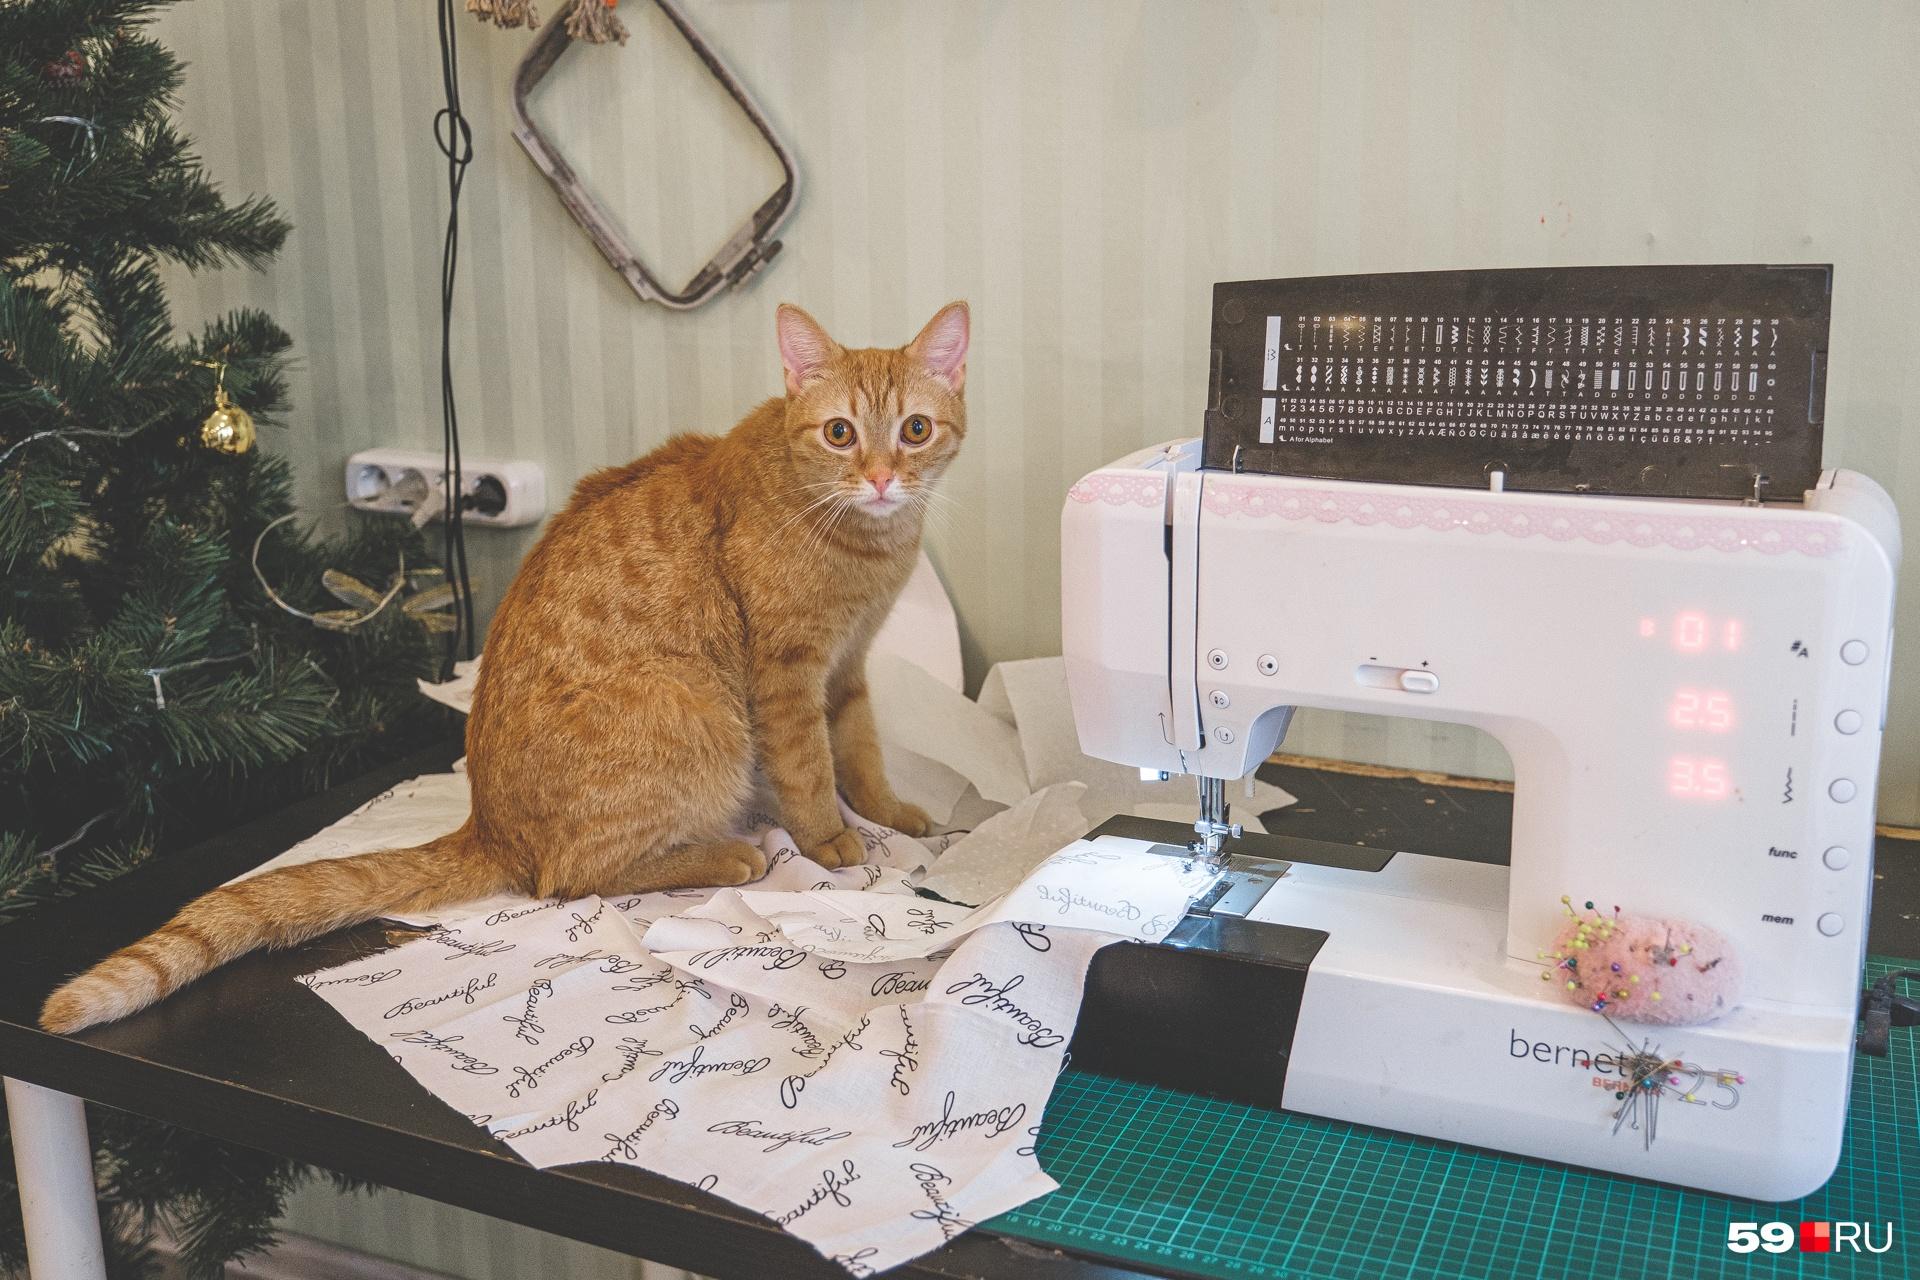 Кот часто любит наблюдать за тем, как работает Танзиля